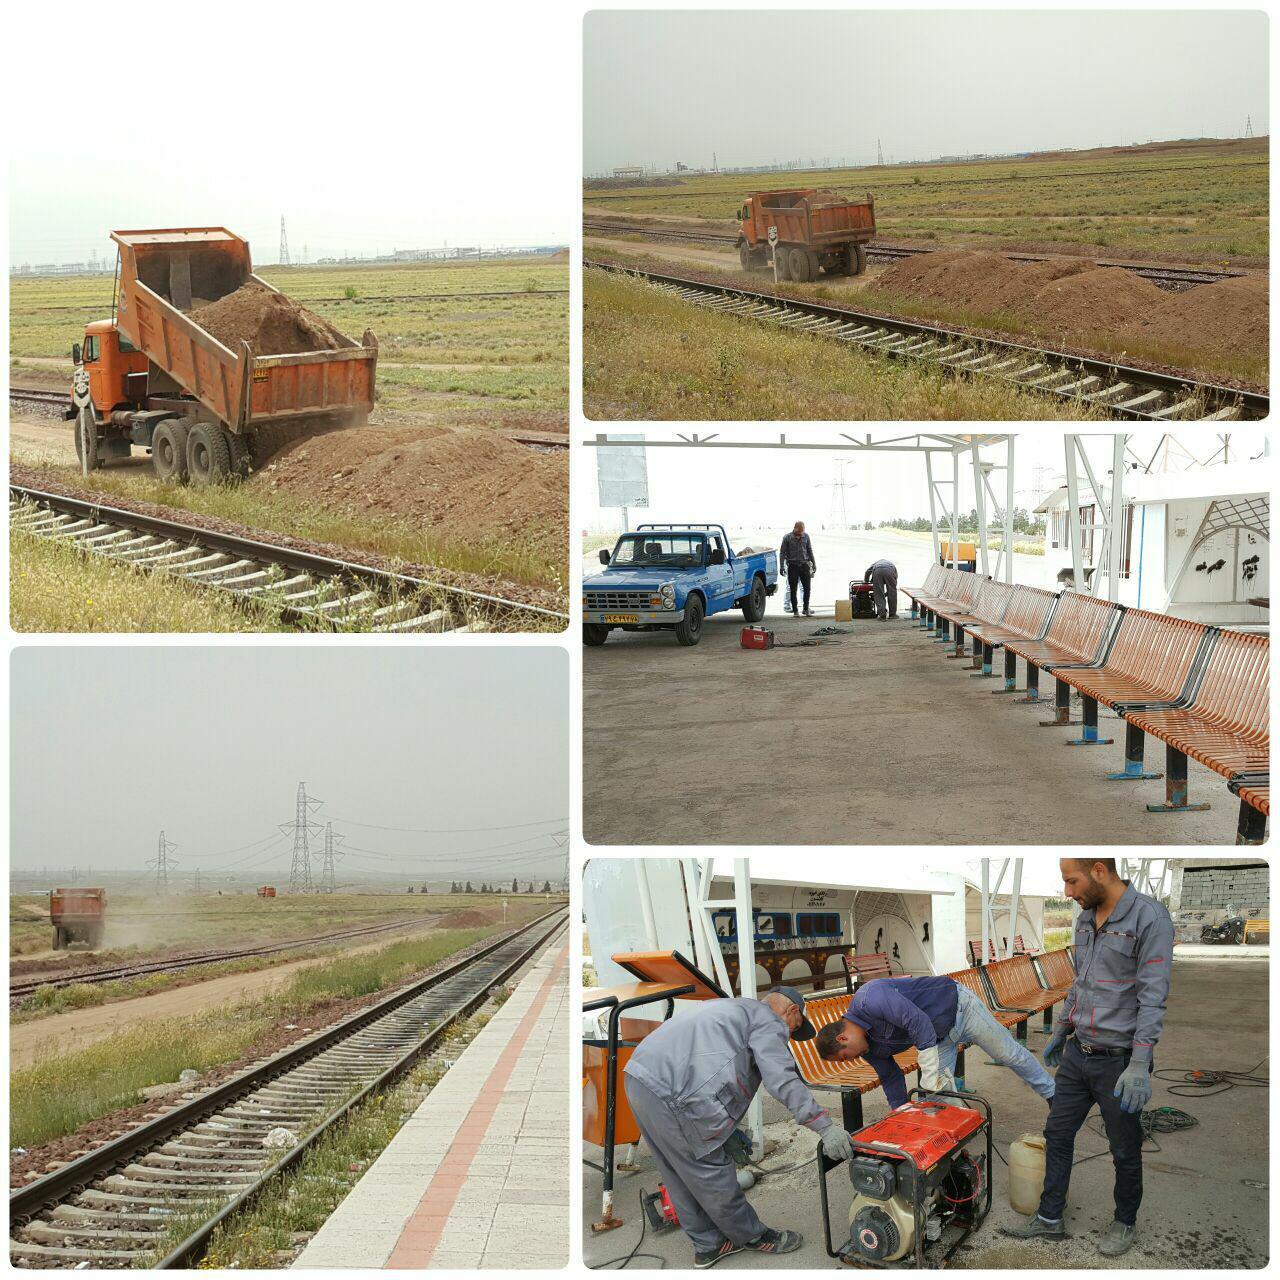 قطار عمرانی شهرداری پرند به ایستگاه ریل باس رسید / توسعه ایستگاه ریل باس در دستور کار شهرداری